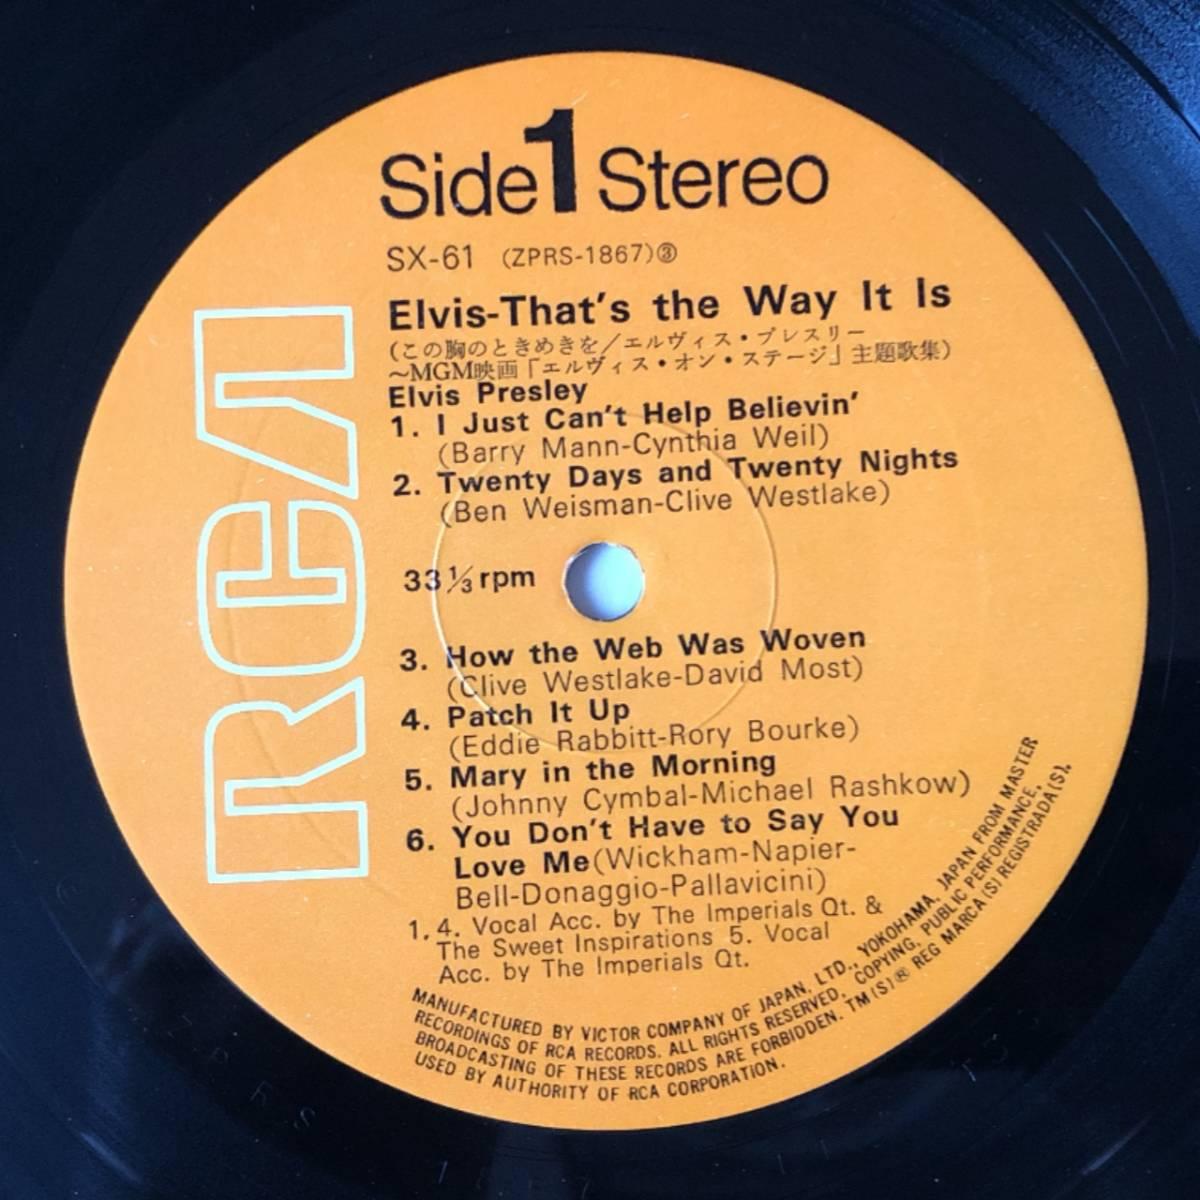 41 エルヴィス・プレスリー Elvis Presley 1971年 LPレコード エルヴィス・オン・ステージ That's The Way It Is 中古 国内盤 Oldies_Elvis Presley